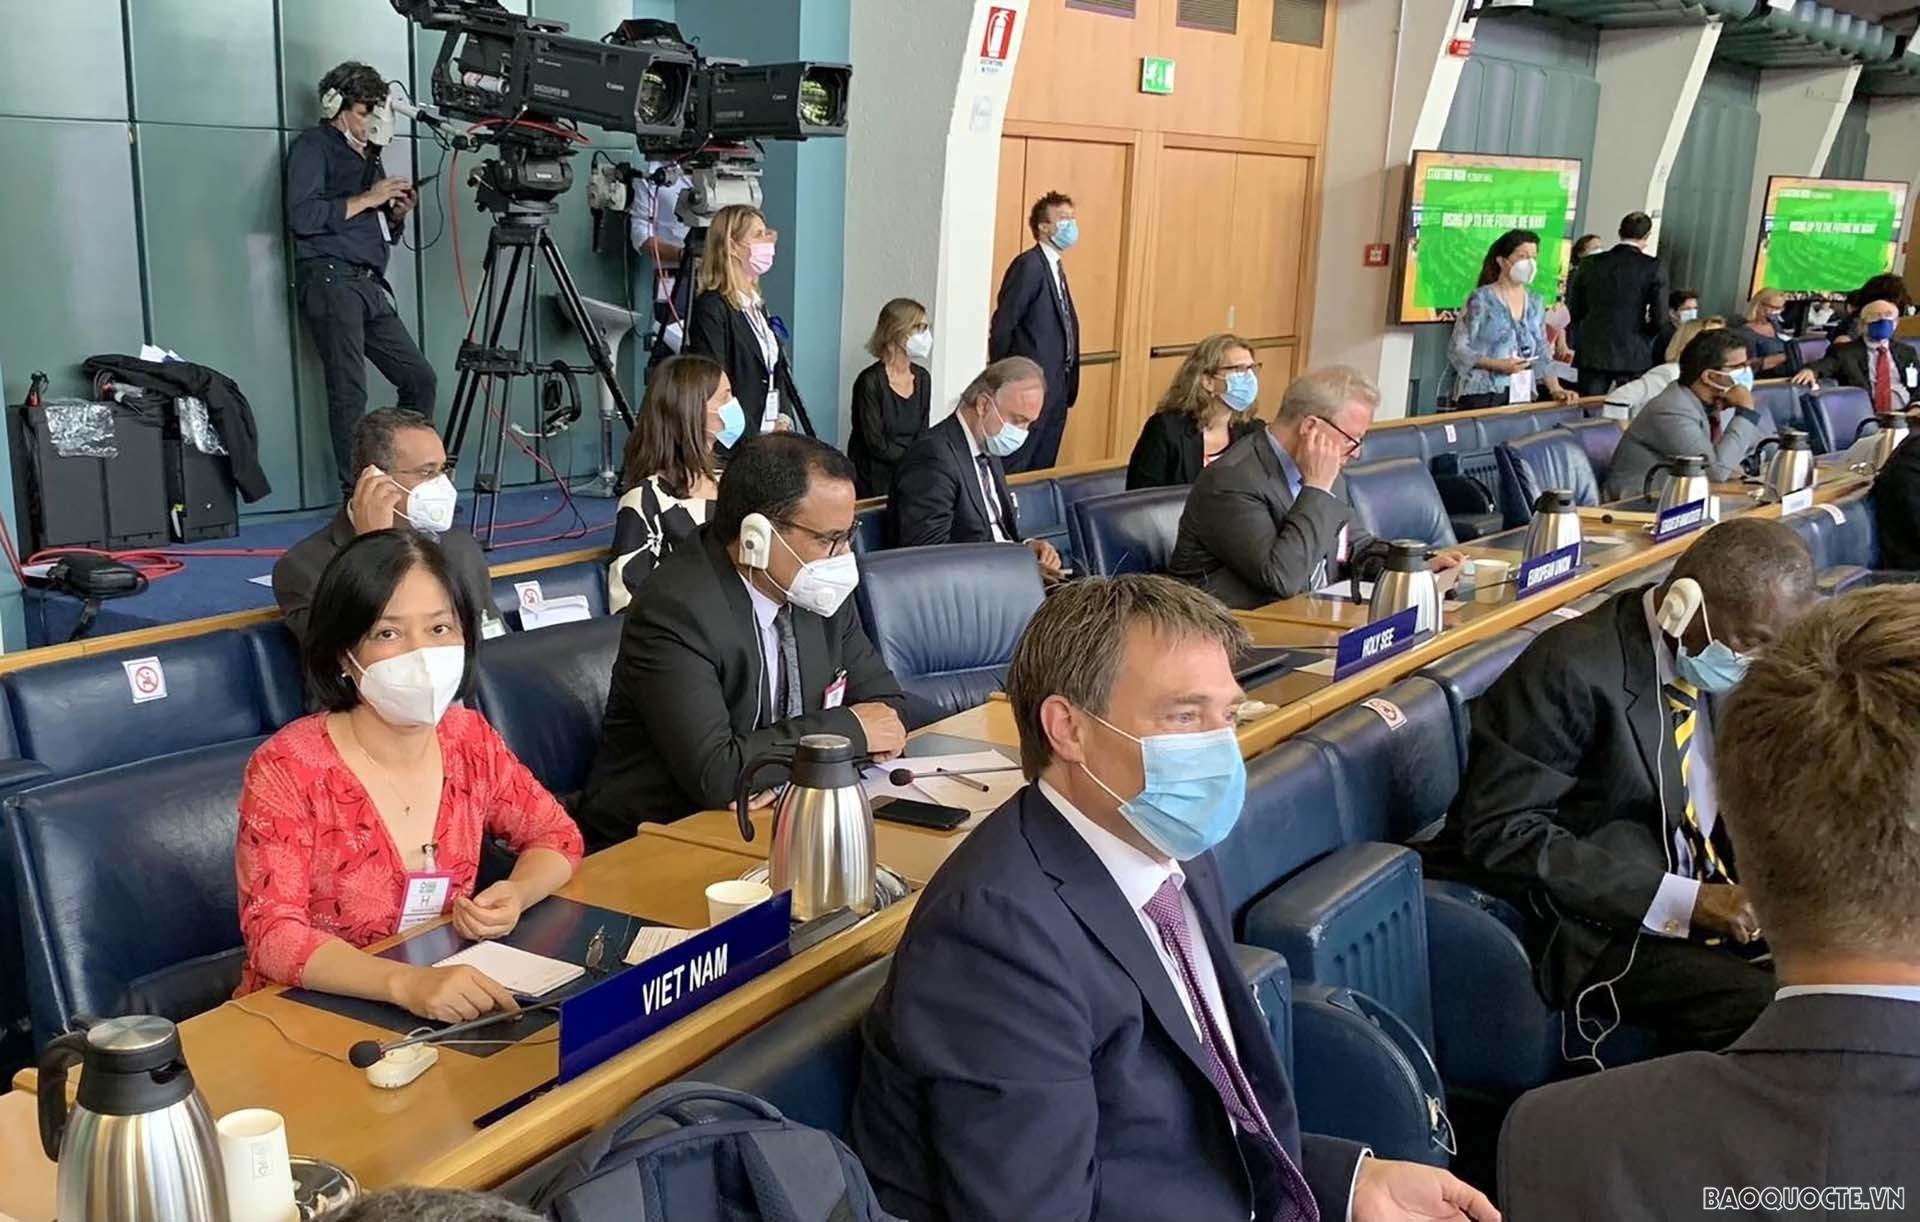 Đại sứ Nguyễn Thị Bích Huệ, Đại sứ Việt Nam tại Italy và Đại diện Thường trực của Việt Nam tại các tổ chức Liên hợp quốc có trụ sở tại Rome, đã đại diện đoàn Việt Nam tham dự trực tiếp hội nghị.